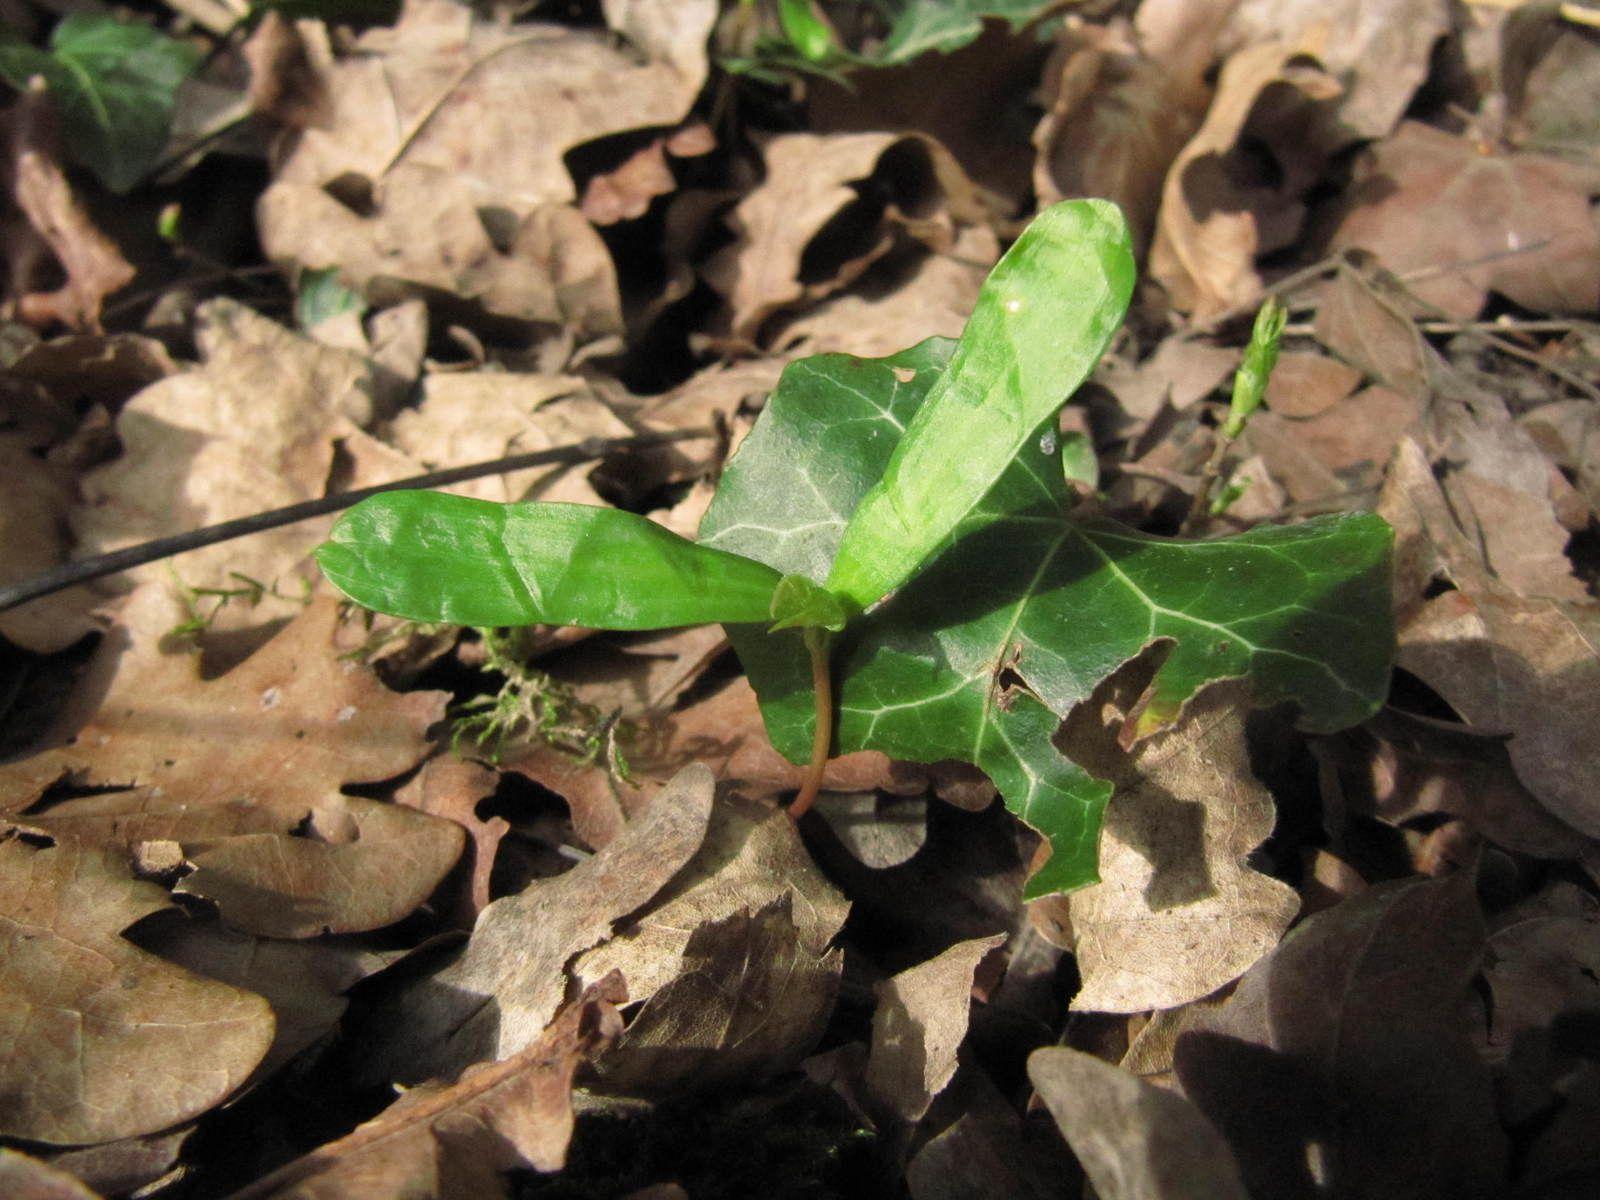 Érable plane (Acer platanoides) bourgeons floraux, plantules et écorce